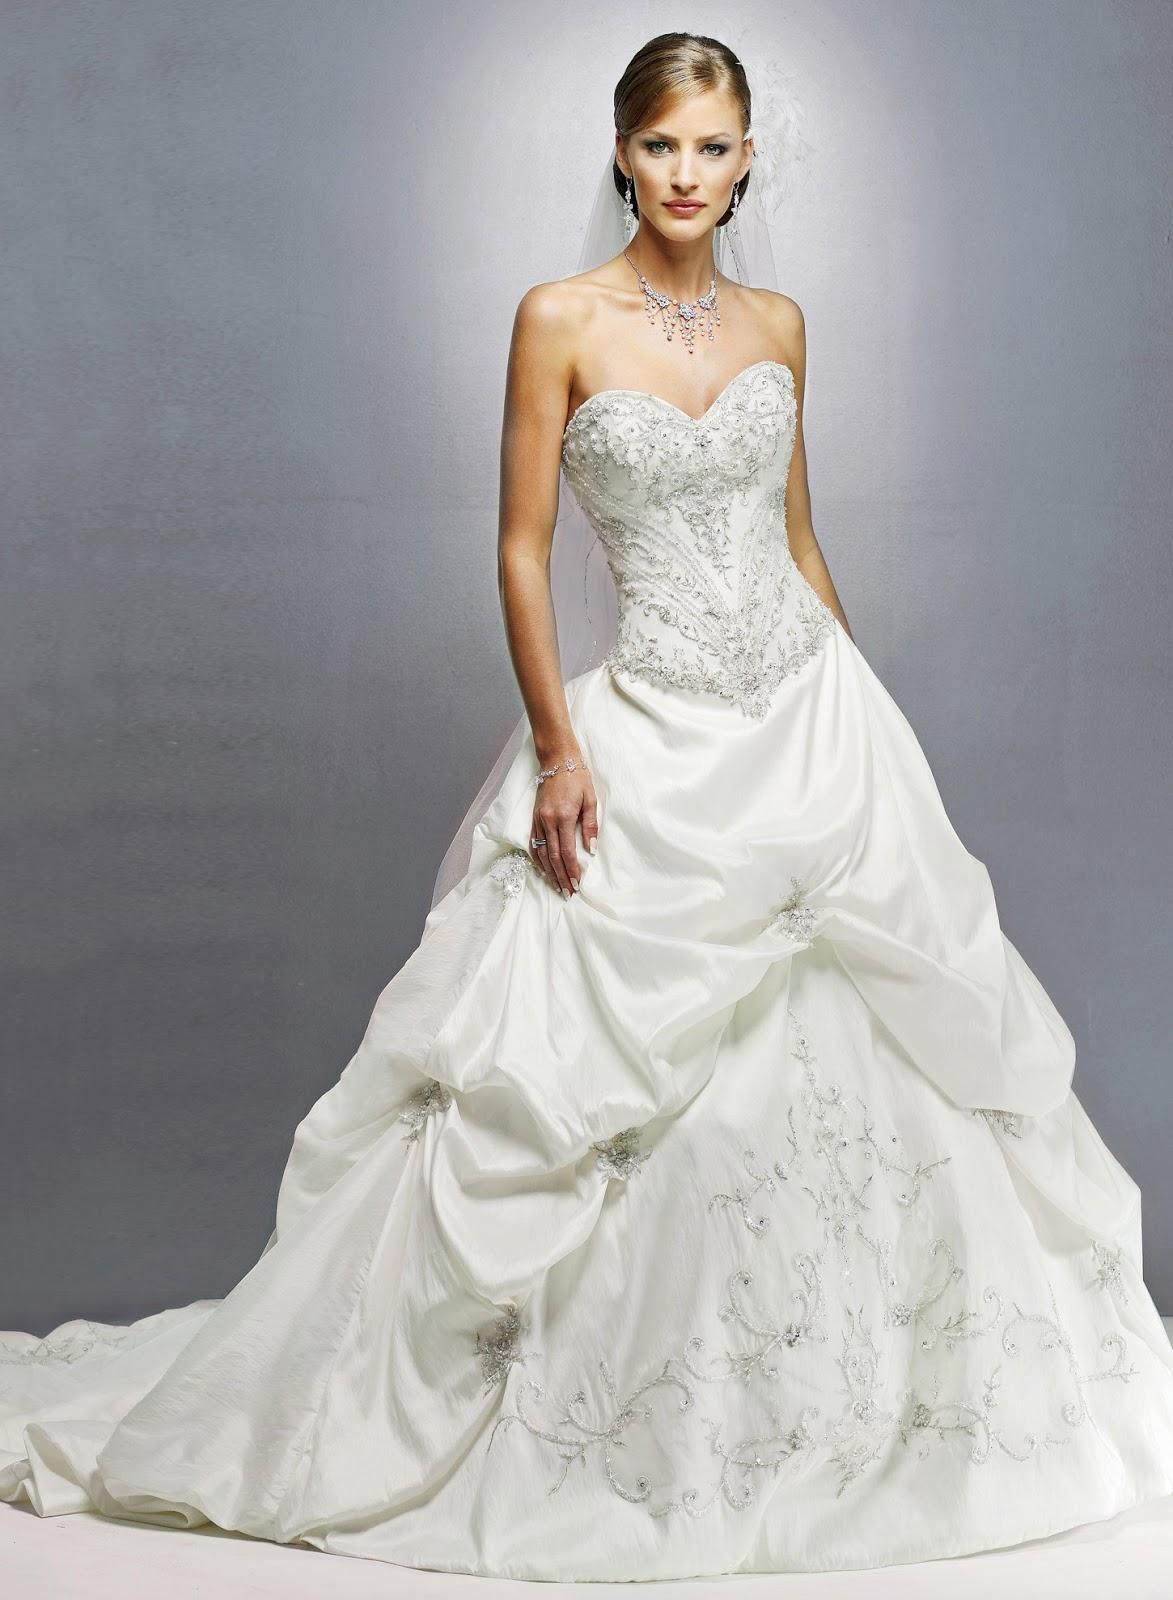 Svadobné šaty, čo sa mi páčia :) - Obrázok č. 32